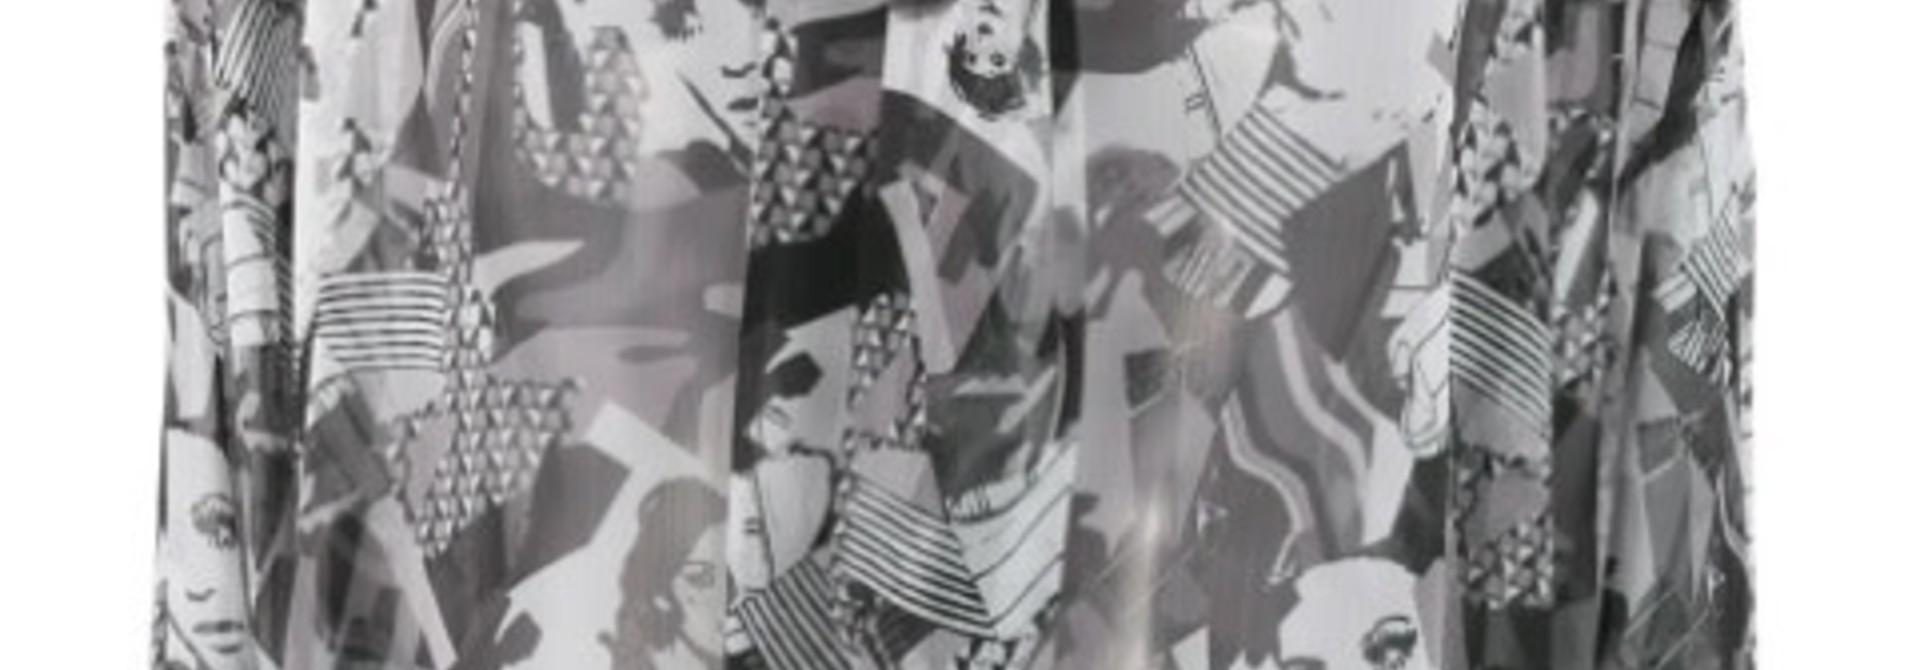 Blouse black & white pop faces